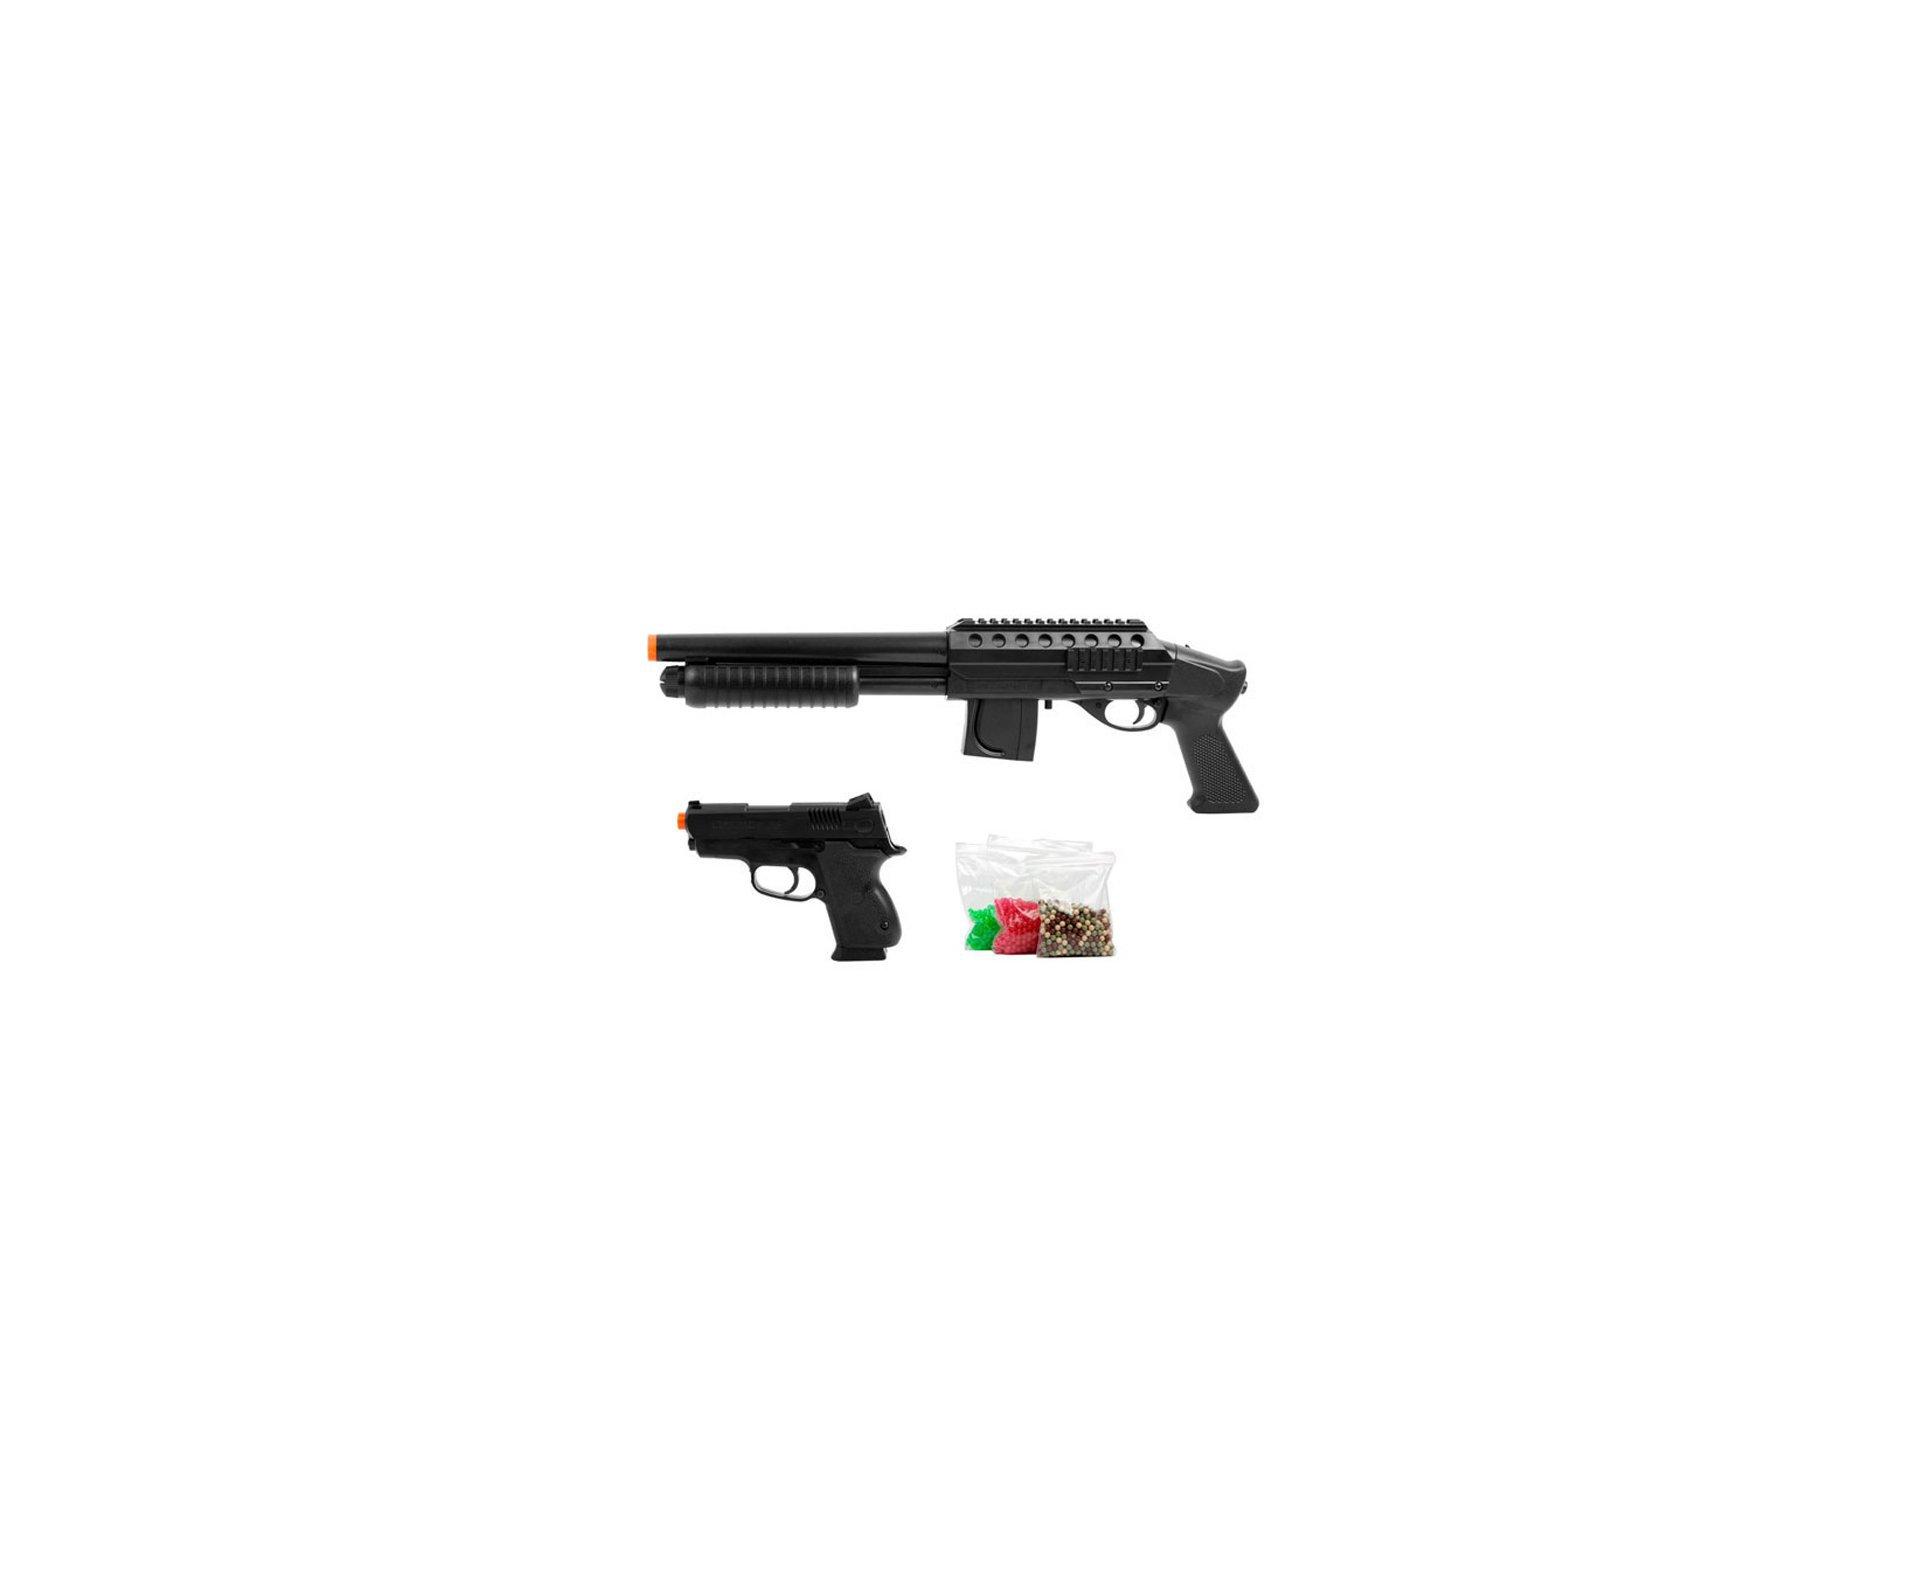 Kit Shotgun + Pistola Mossberg 500 - Spring - Cal 6.0mm - Cyber Gun